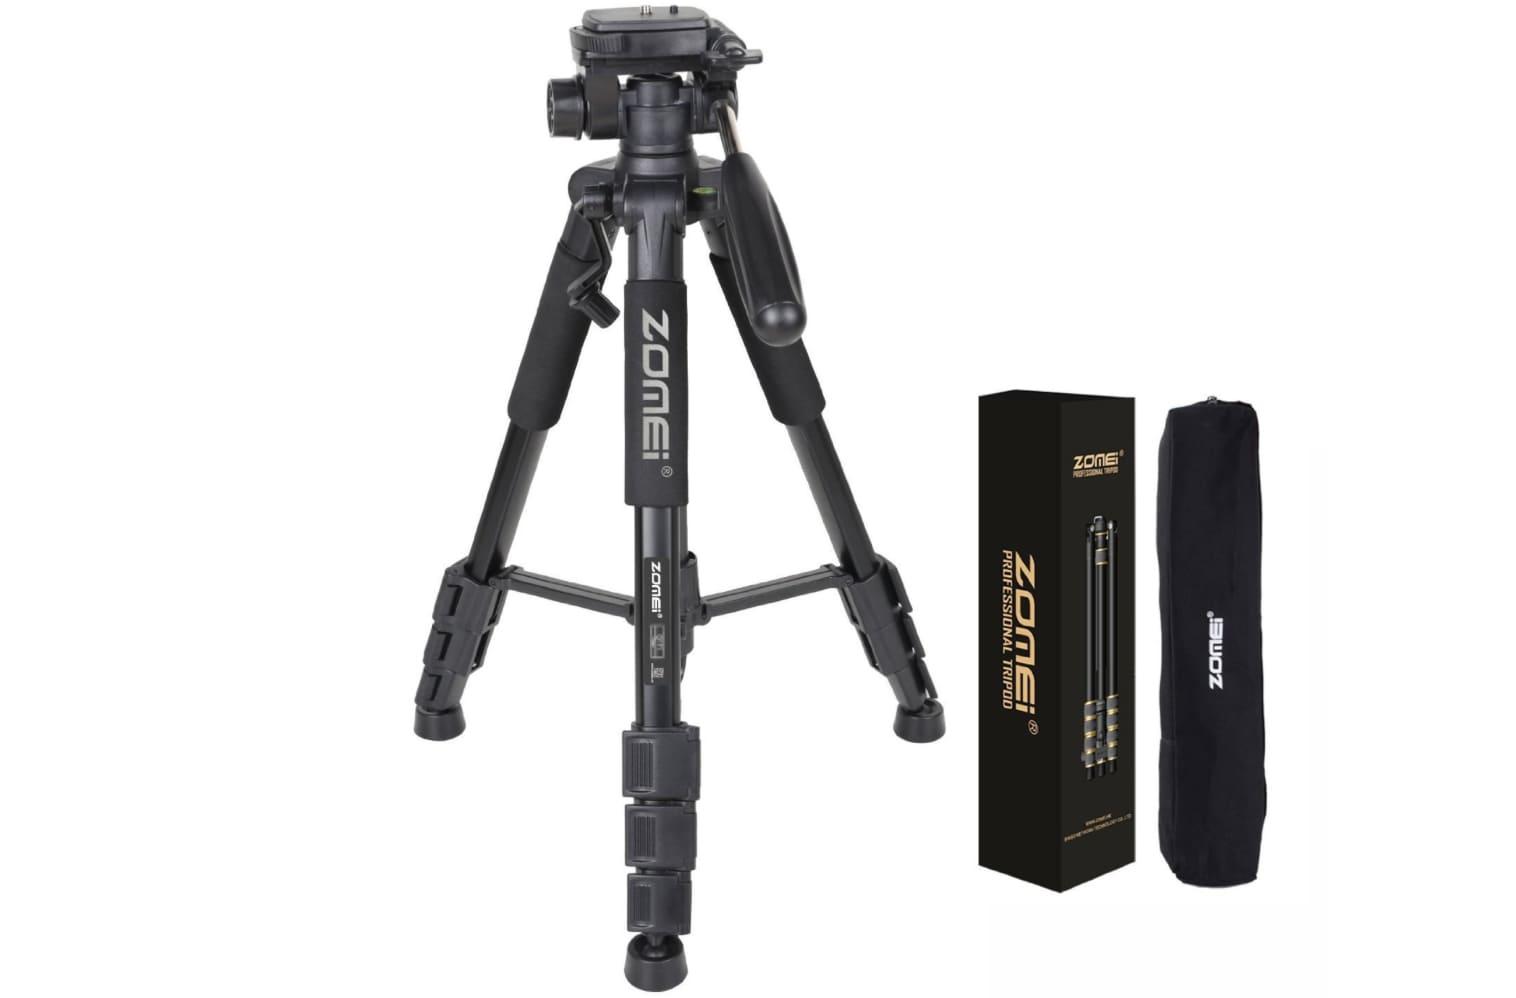 Zomei Z666 Professional Portable Tripod Review